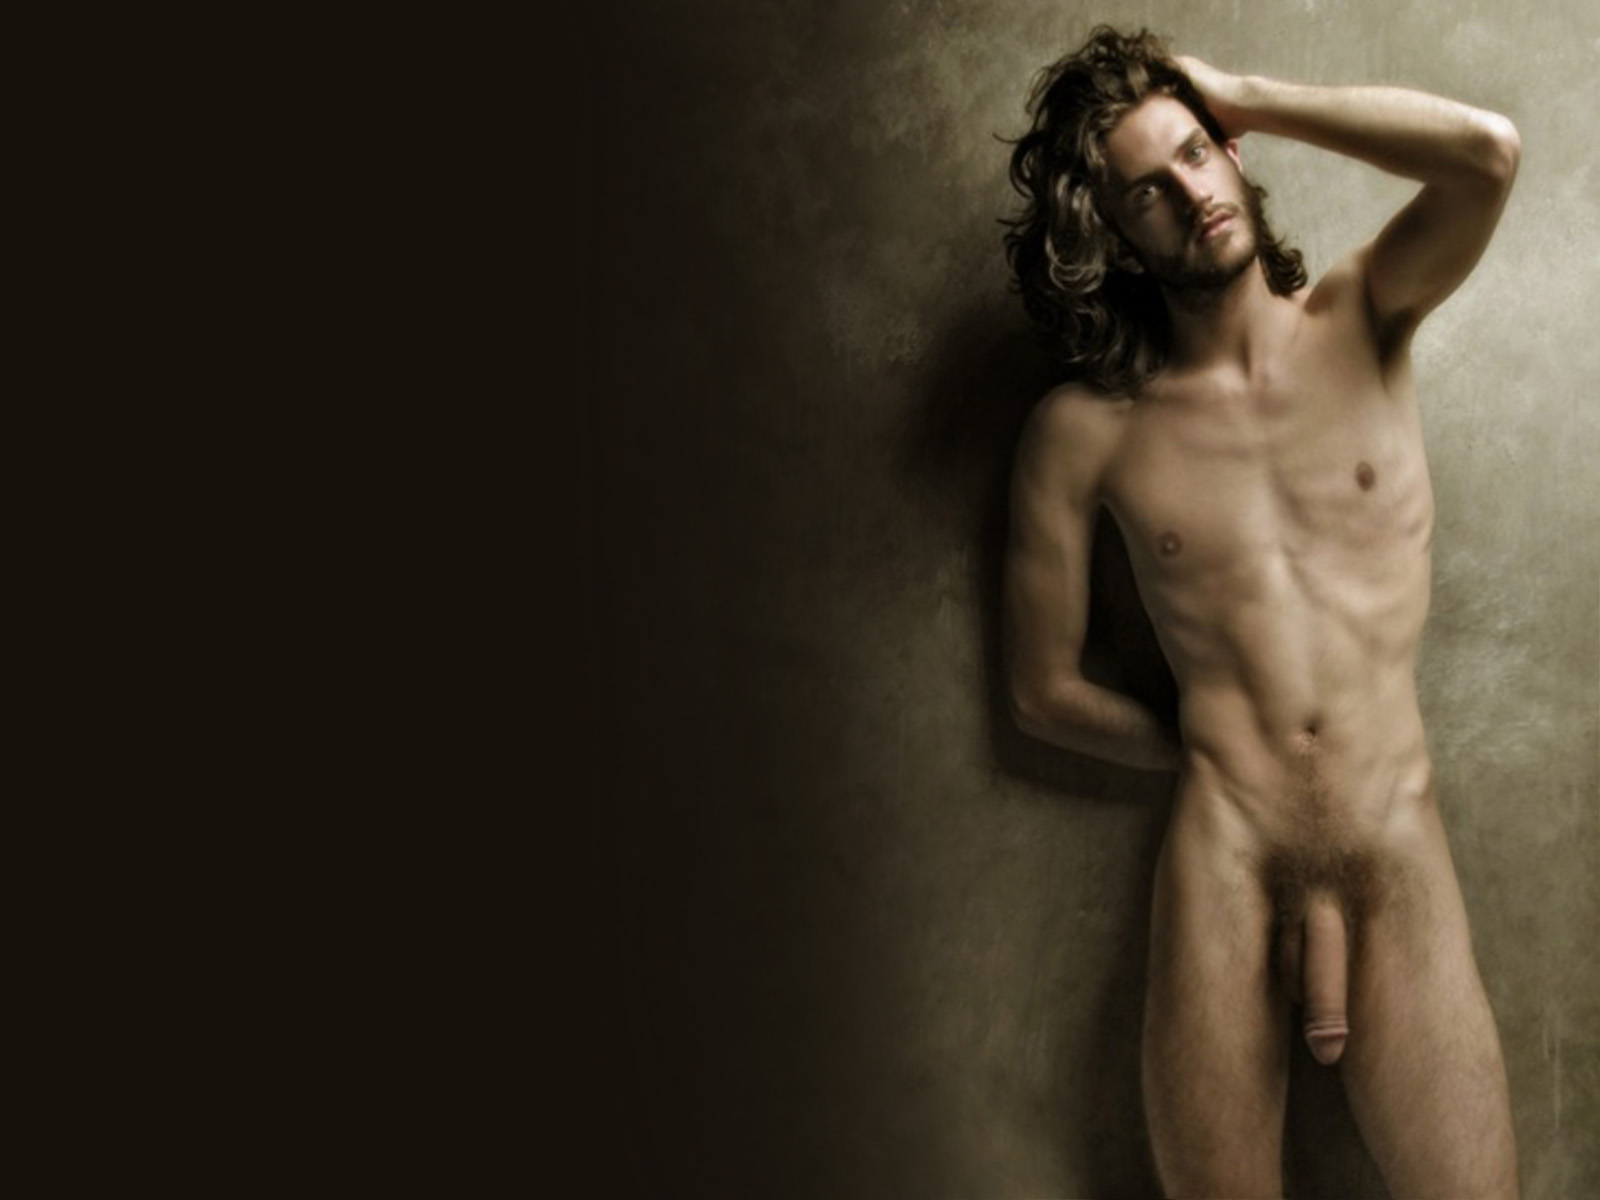 http://1.bp.blogspot.com/-fEEqdq9T7SE/T4s3VINfmVI/AAAAAAAACsE/yRti7QYe99c/s1600/1885+desnudo.jpg